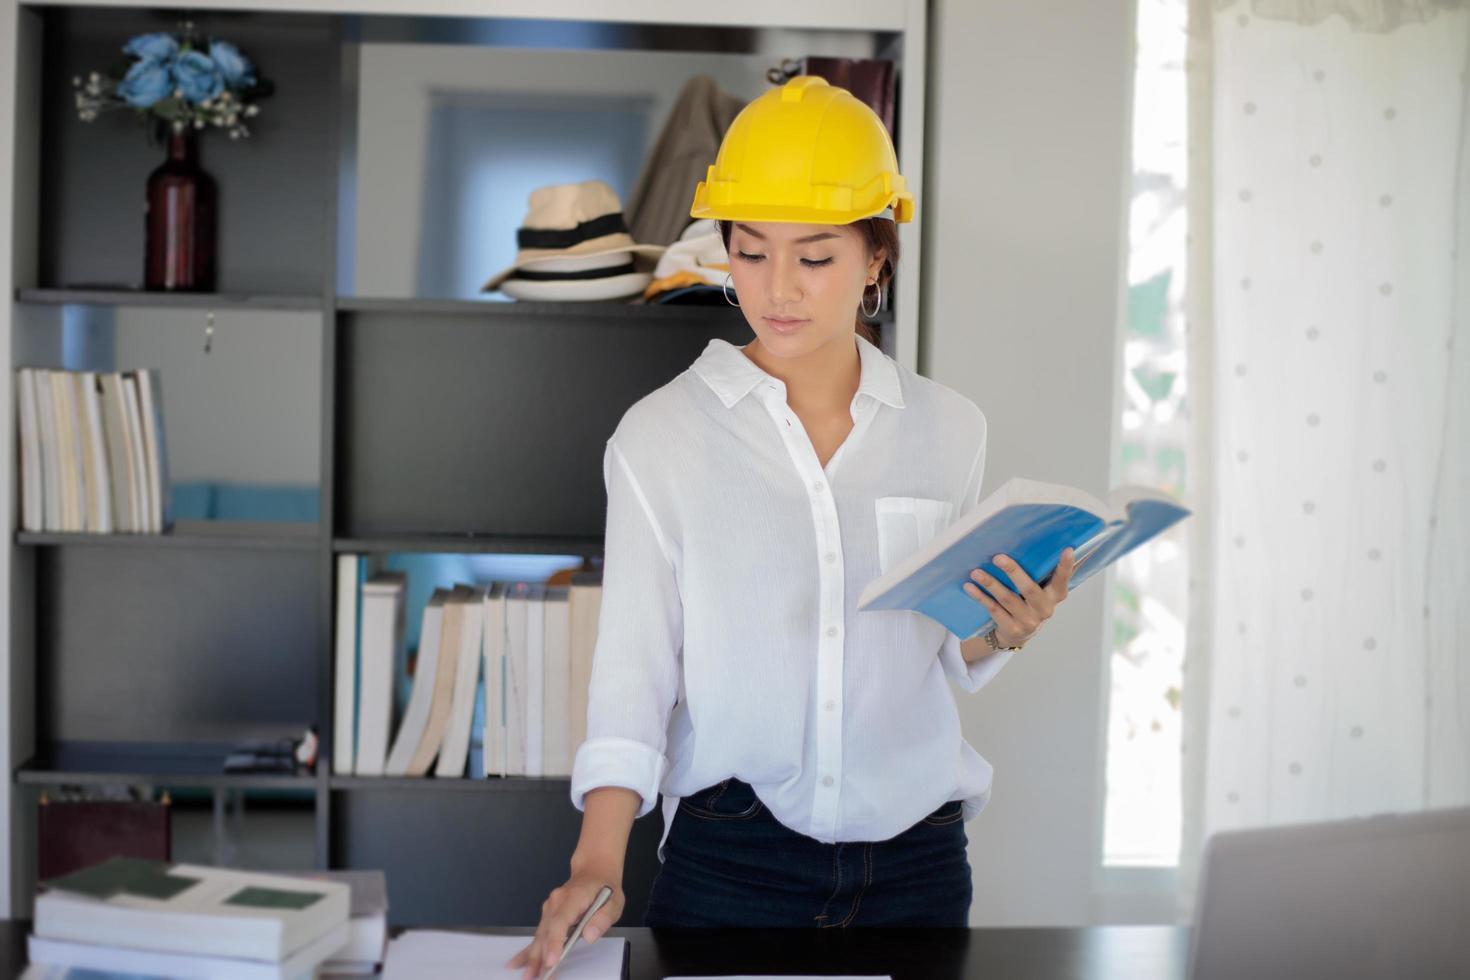 mujer asiática con casco en la oficina foto